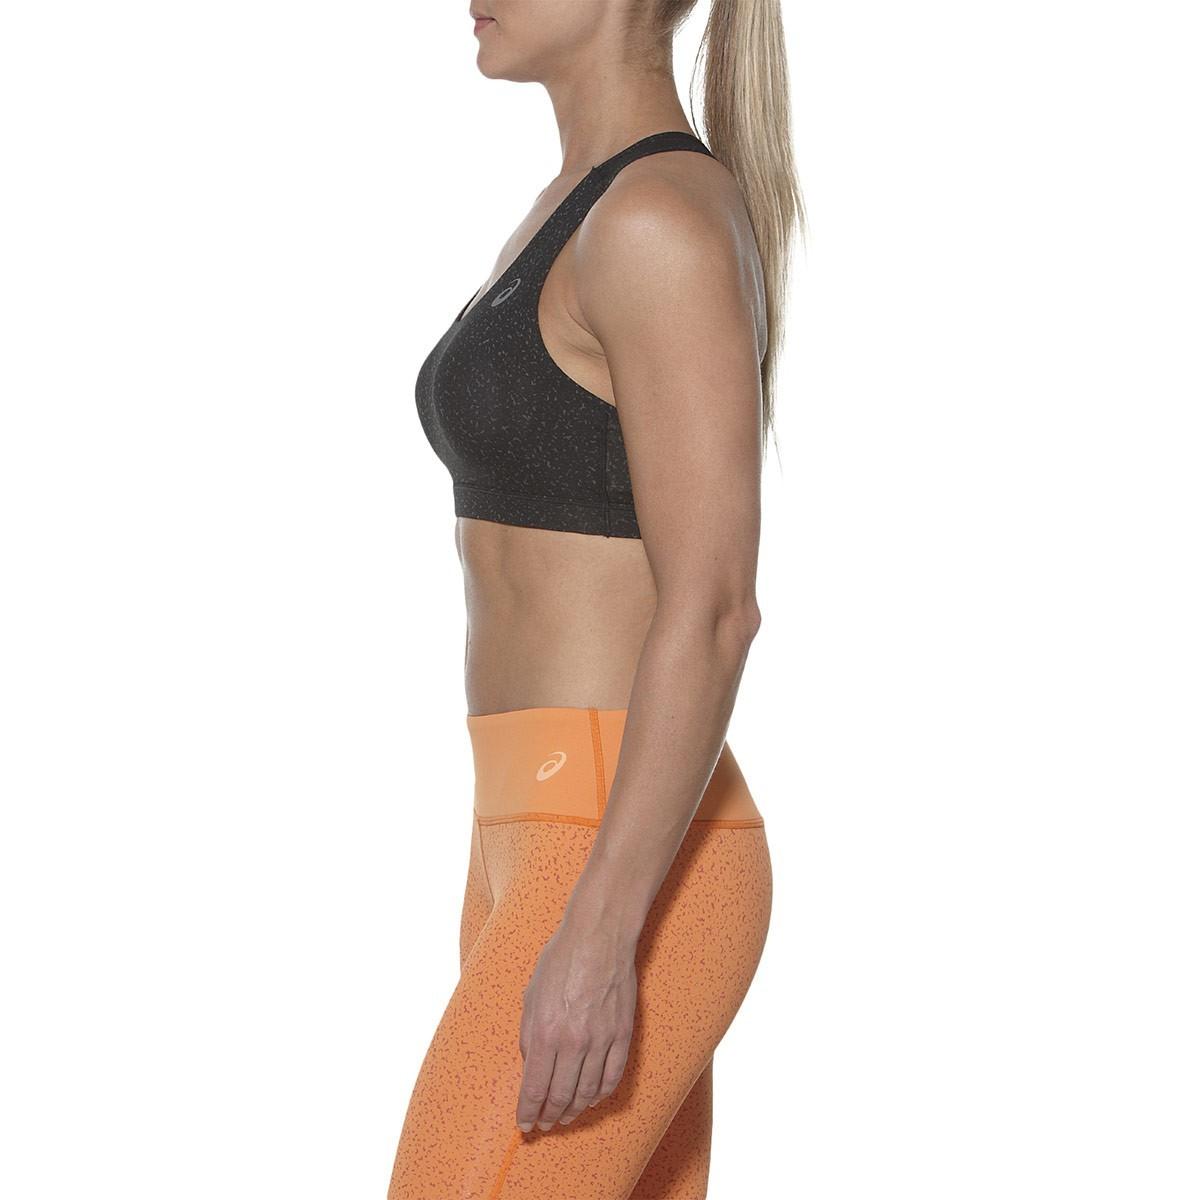 Женский спортивный топ  для фитнеса Asics Racerback Bra Top (130465 0558) черный фото